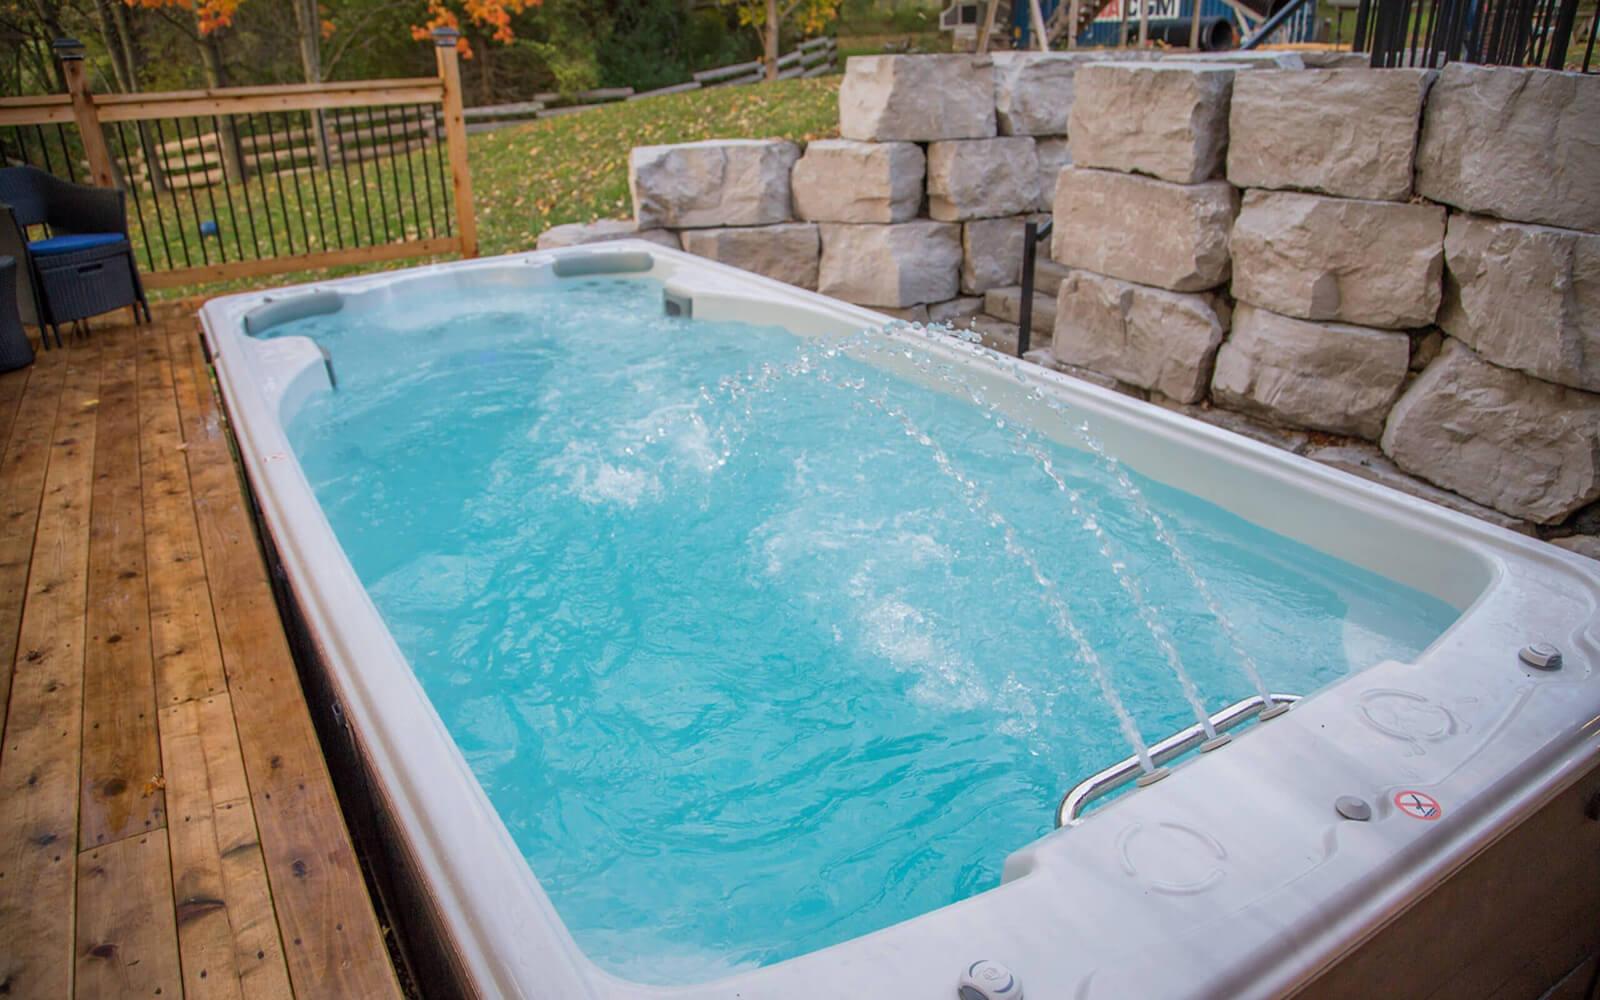 Cloudy Water in a Swim Spa